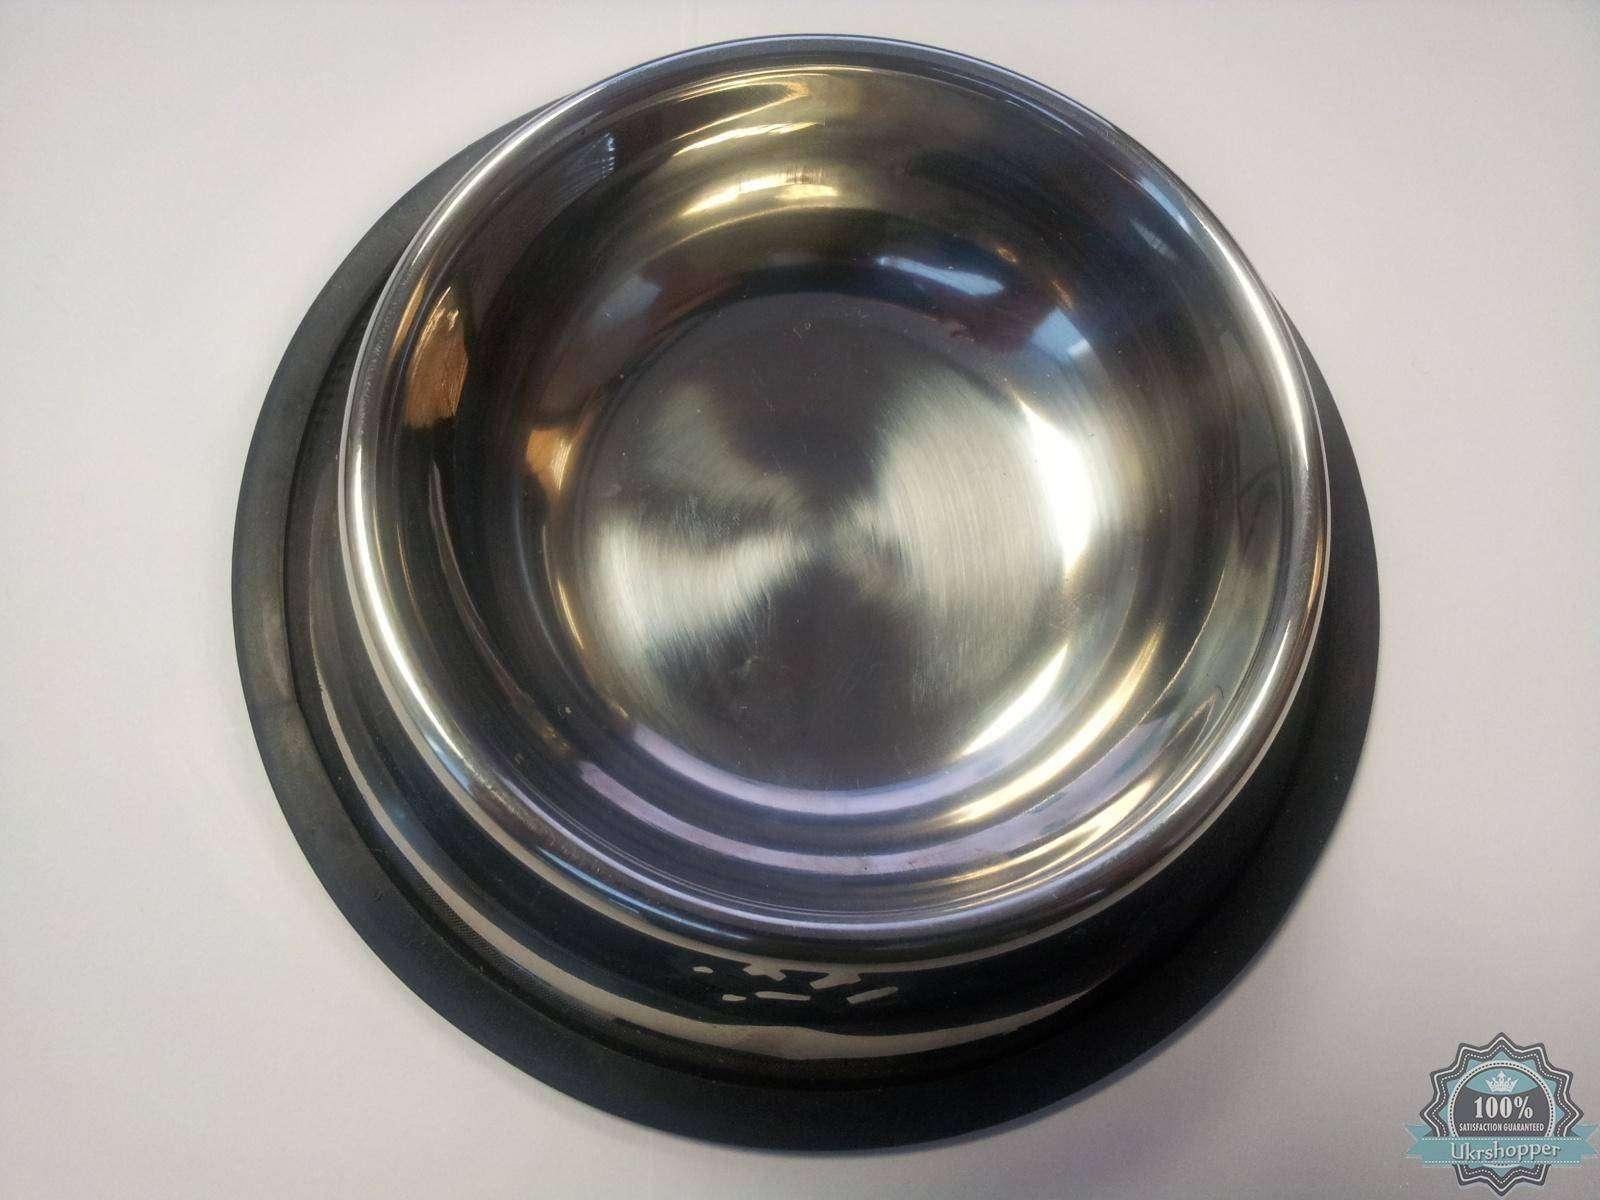 BuyinCoins: Мисочка для воды для кошки или очень мелкой собаки